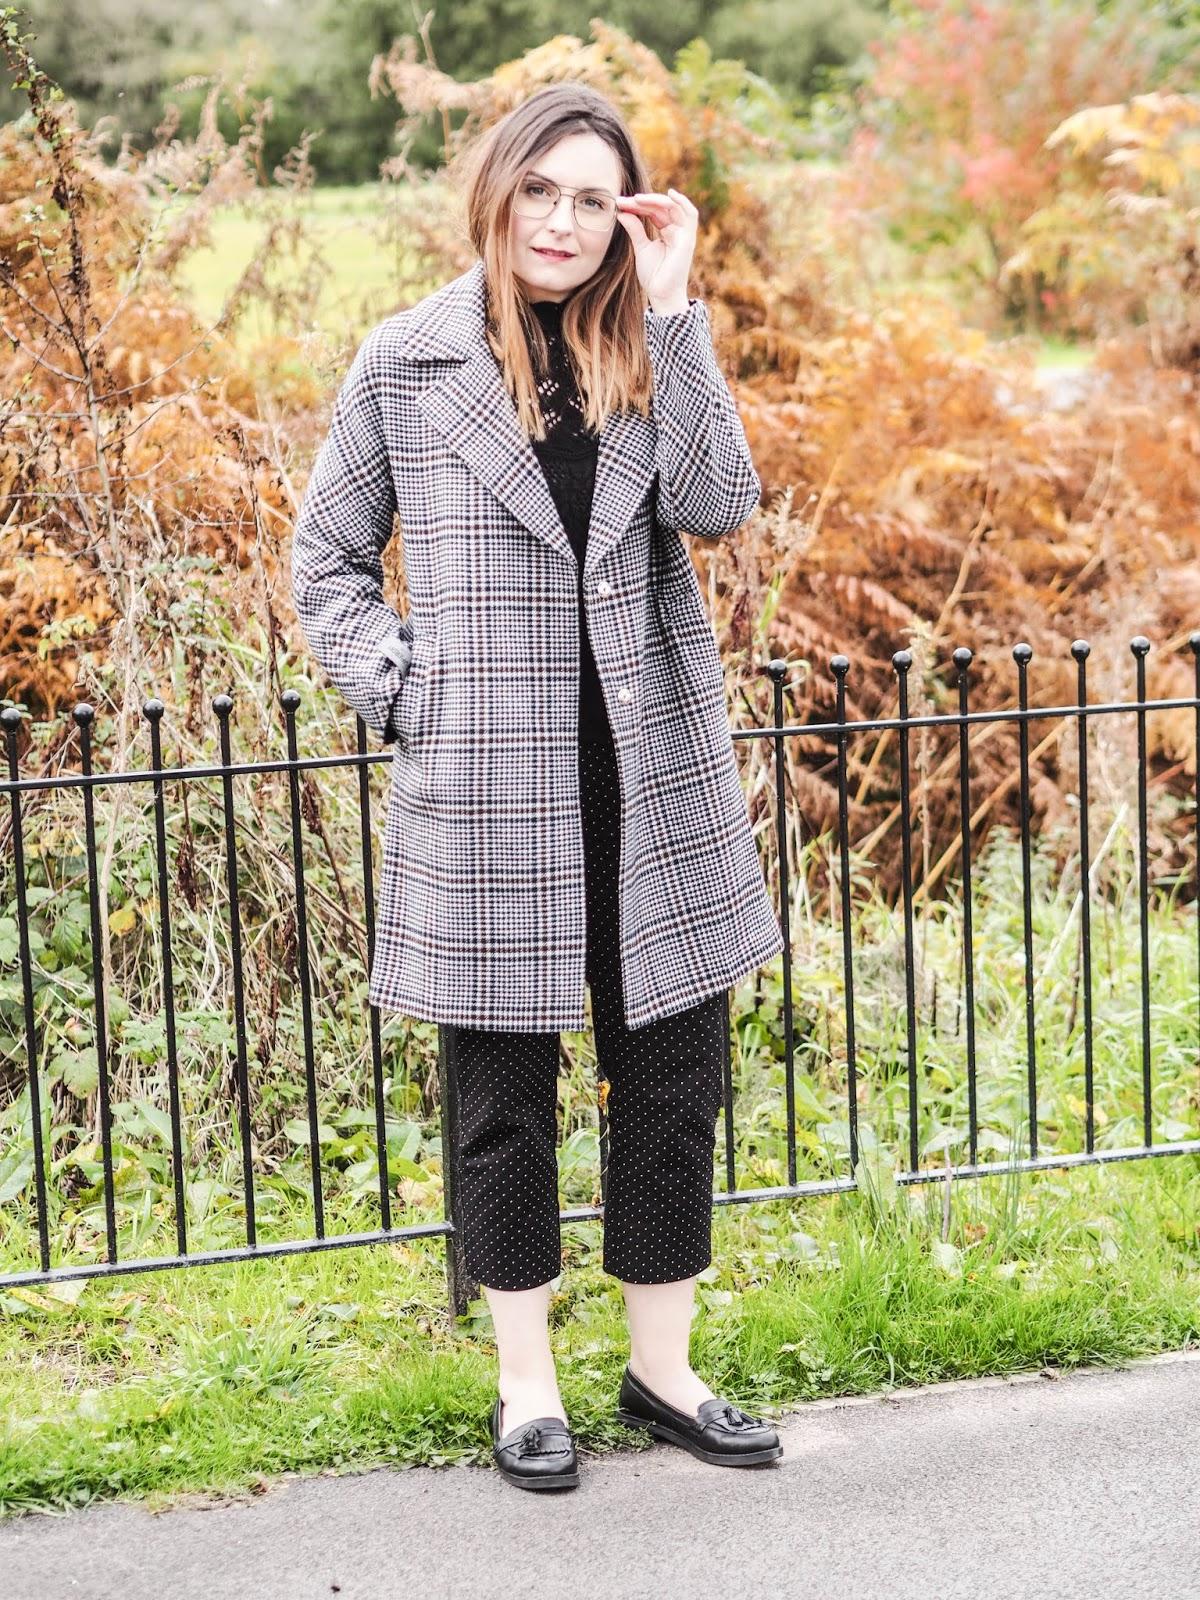 Superdry Koben wool coat in check